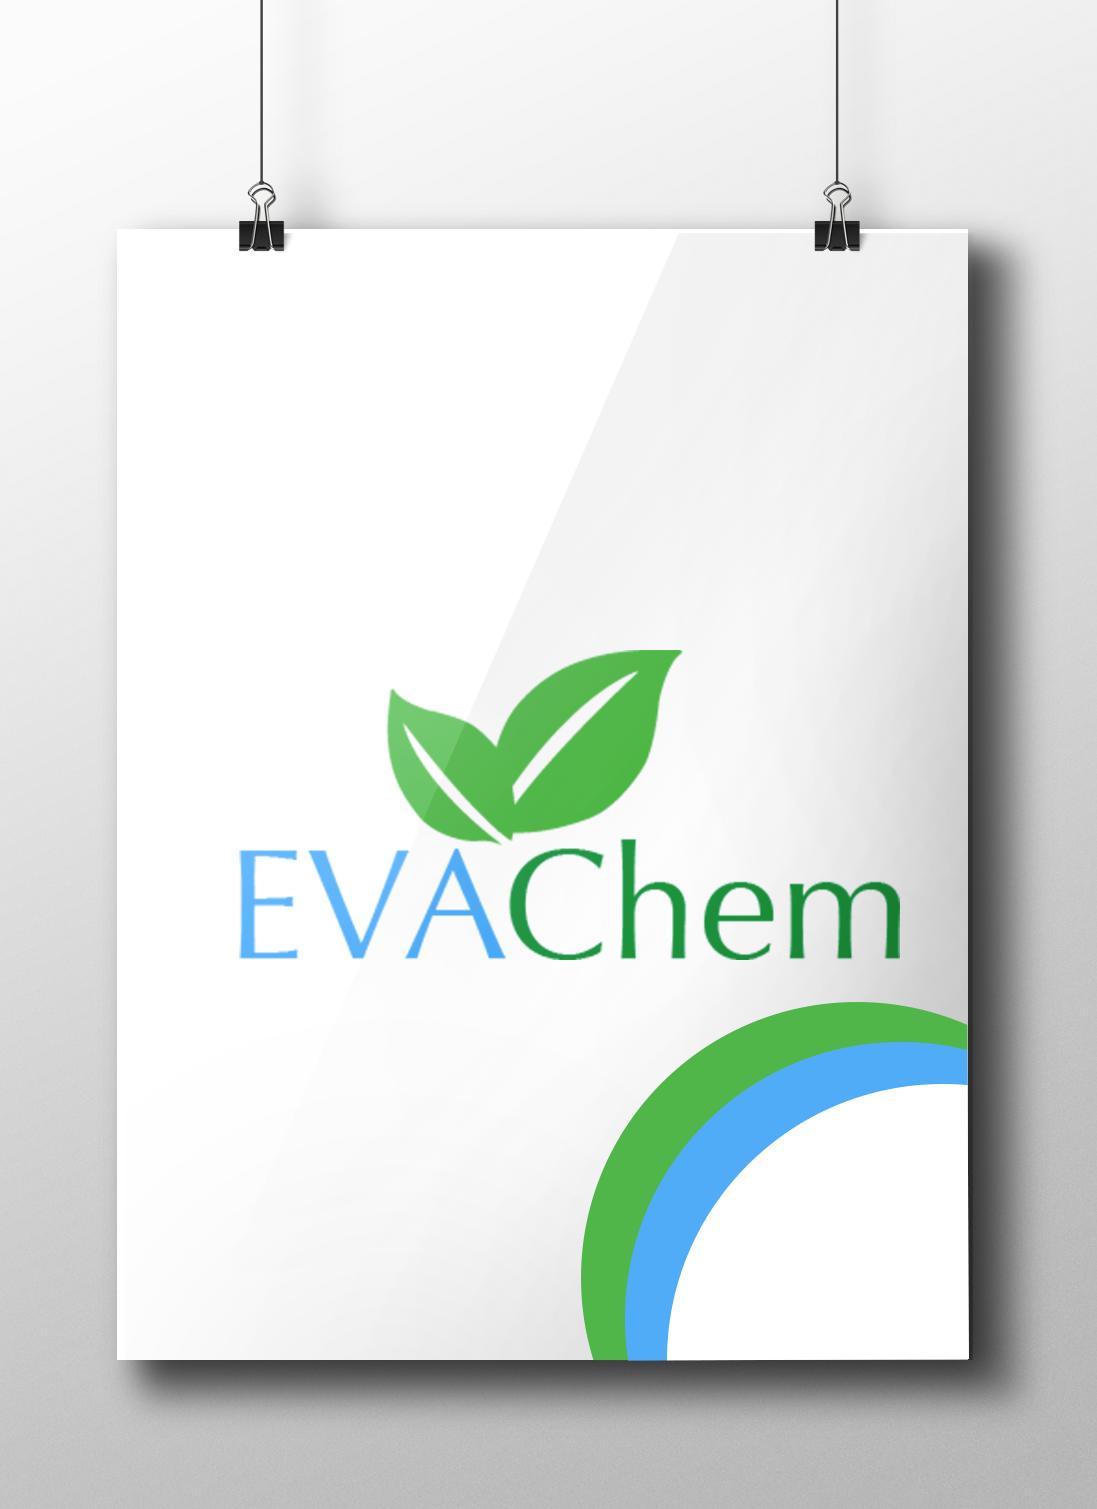 Разработка логотипа и фирменного стиля компании фото f_652571ce141a8ab2.png